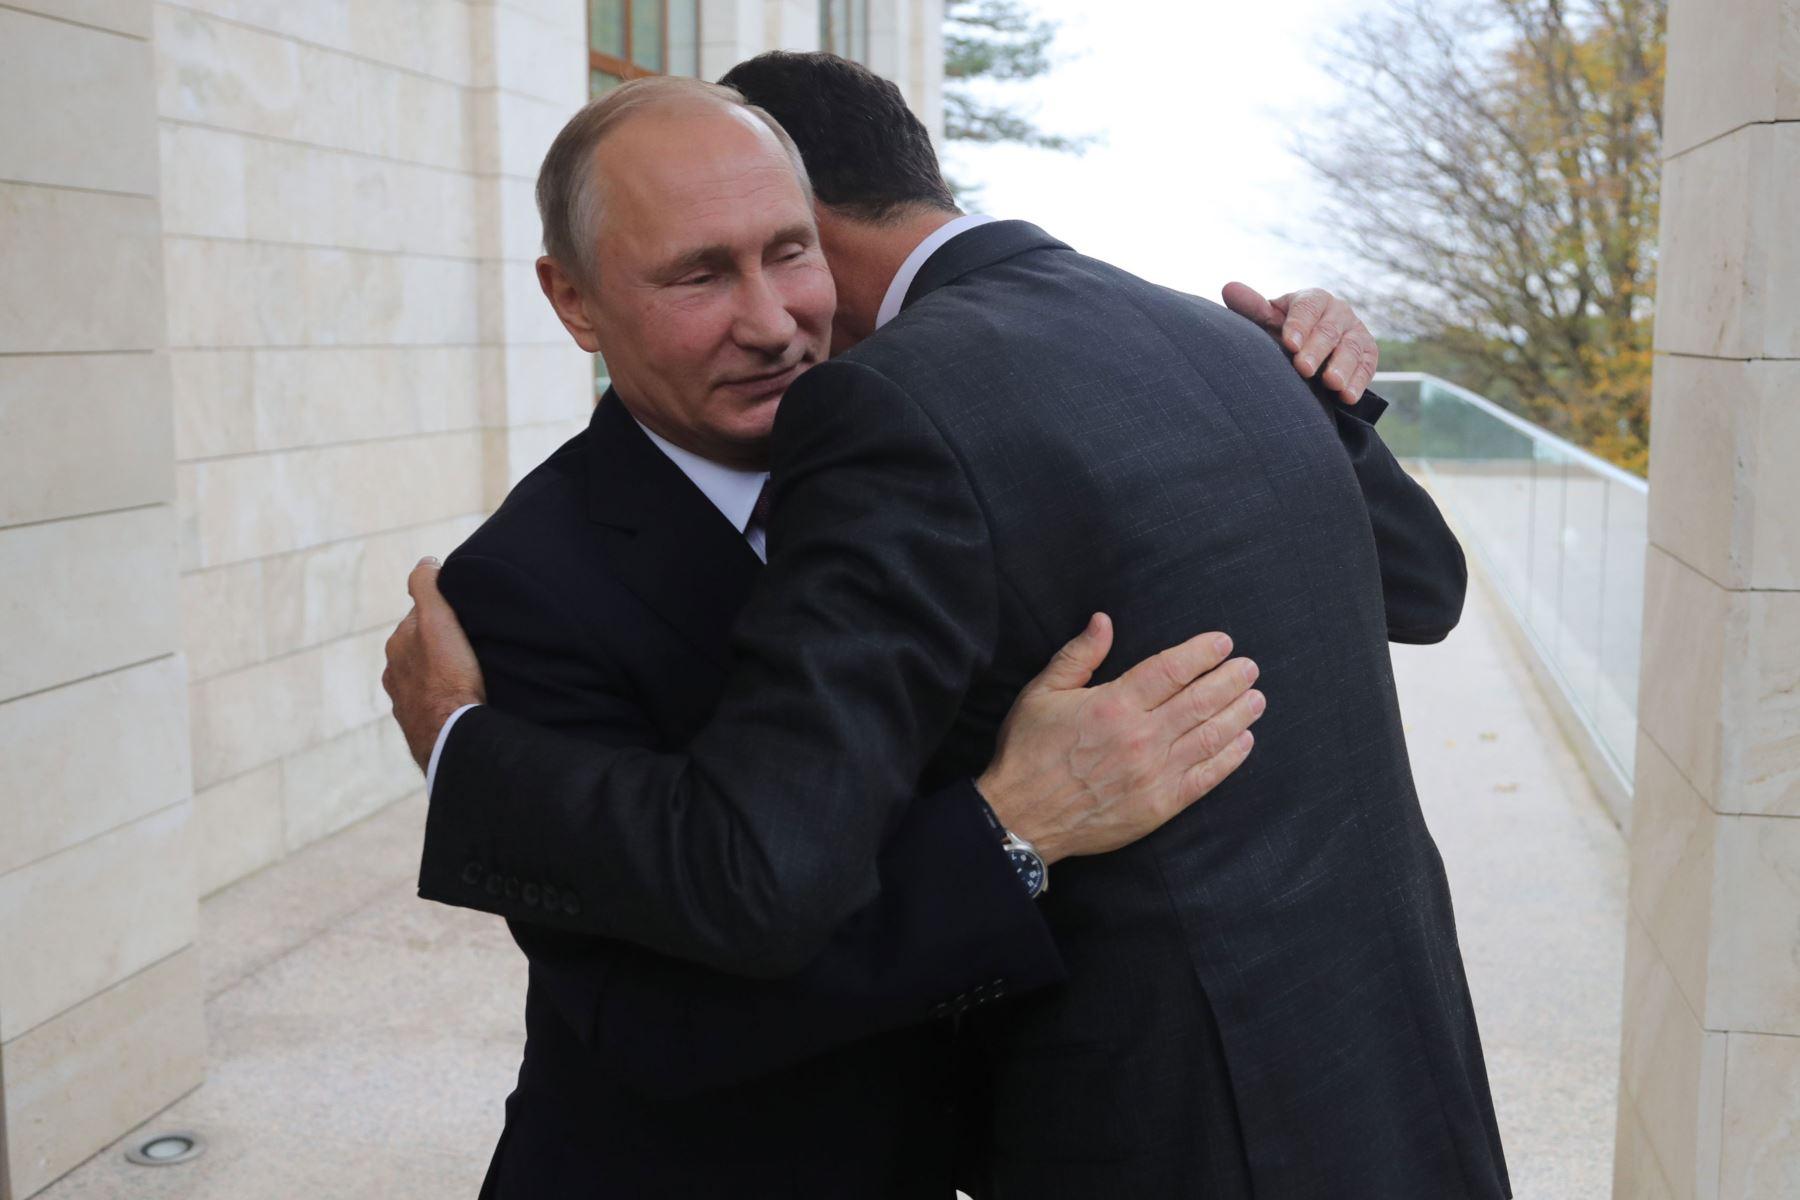 El presidente de Rusia, Vladimir Putin  abraza a su homólogo sirio Bashar al-Assad durante una reunión en Sochi. AFP